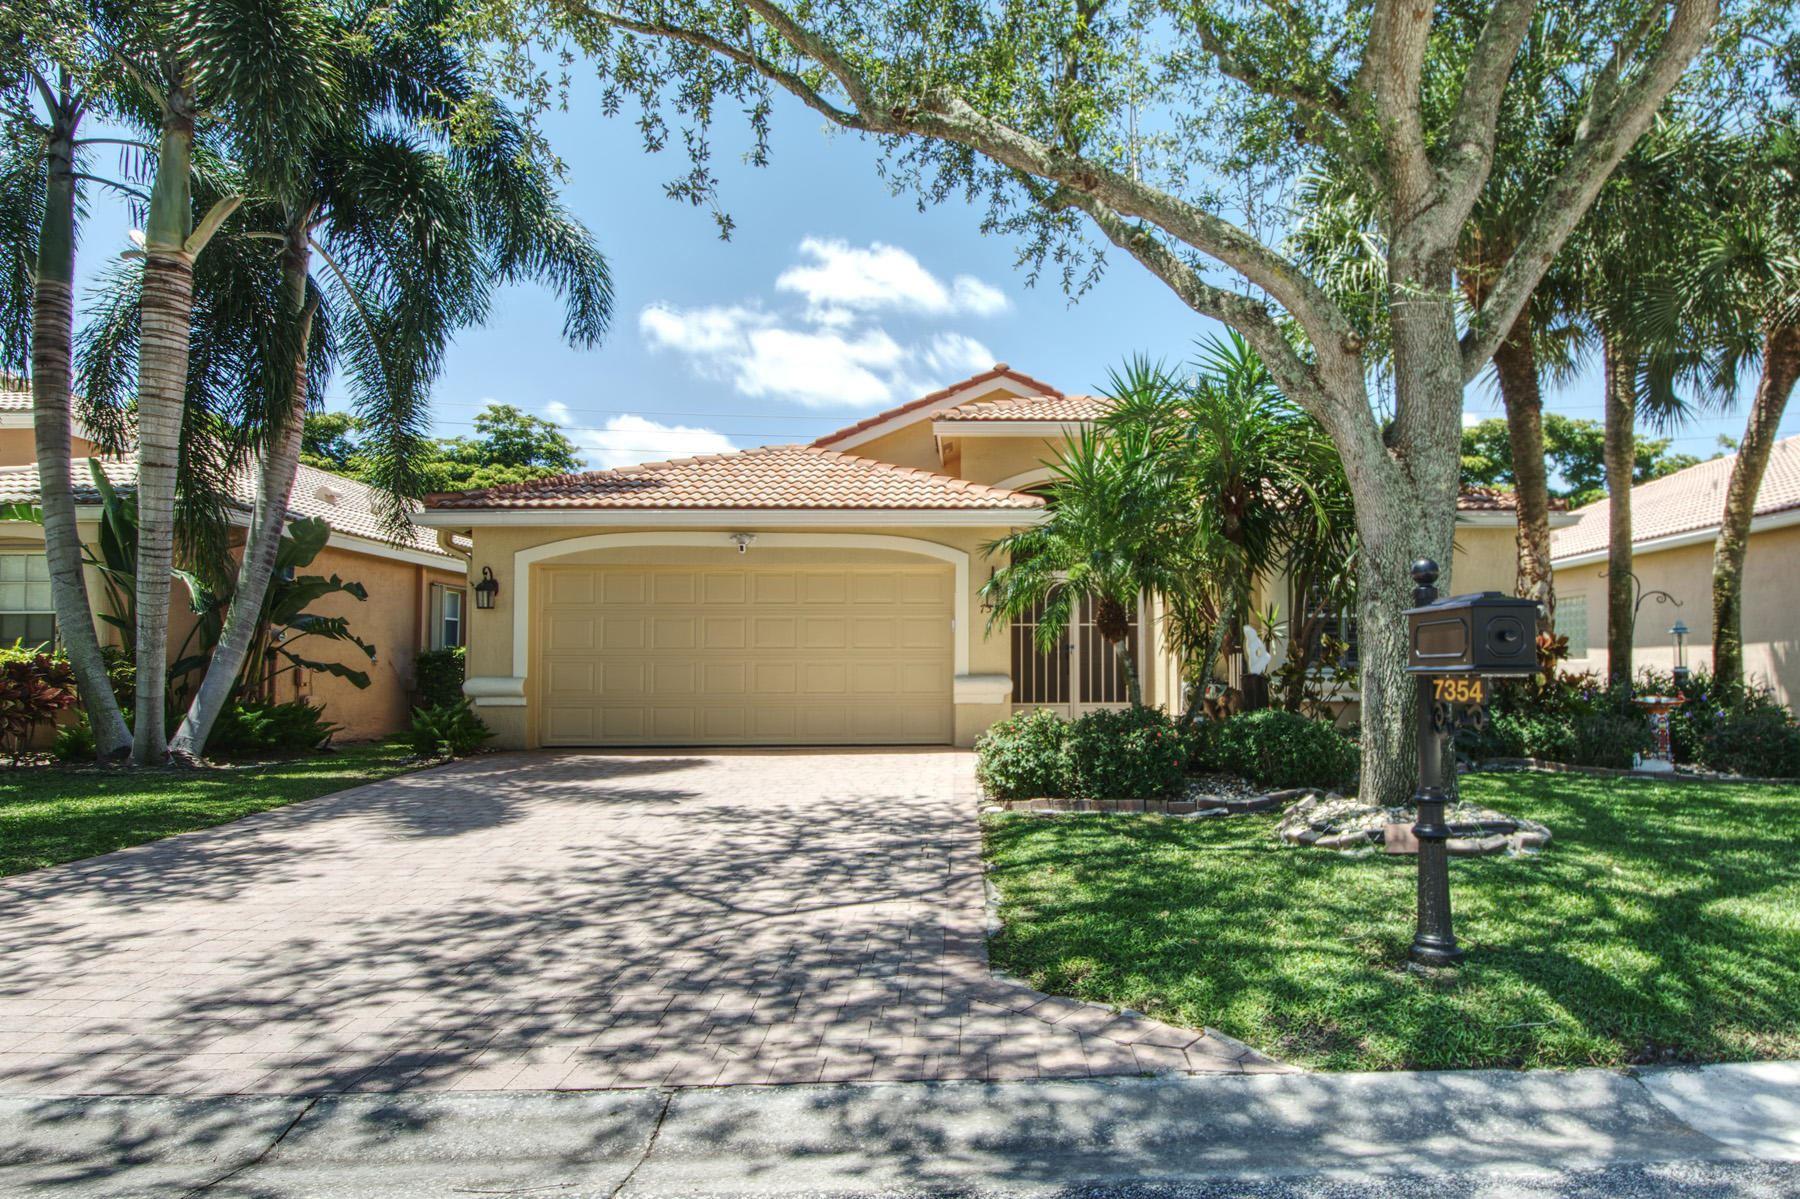 7354 Viale Caterina, Delray Beach, FL 33446 - #: RX-10632422